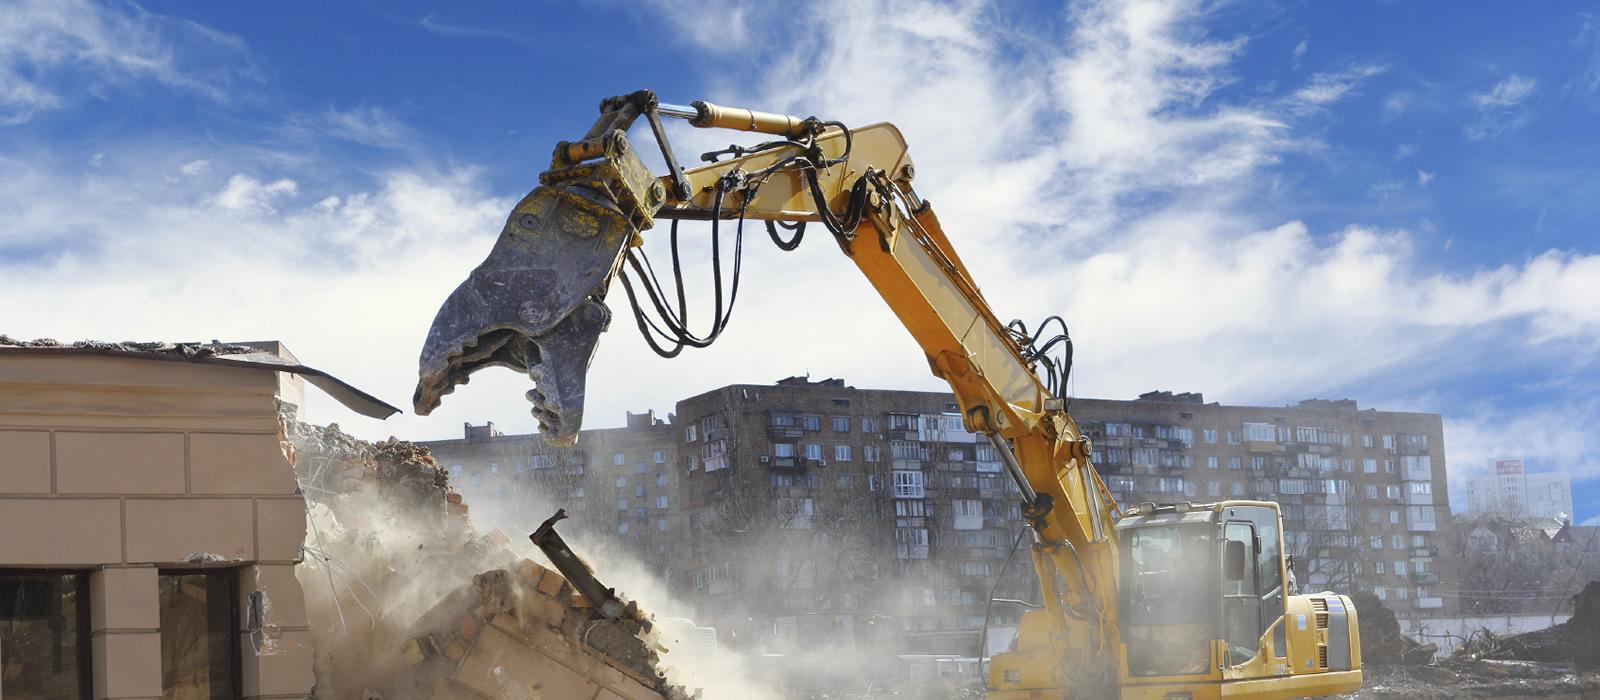 Demolition | Ground Construction Ltd